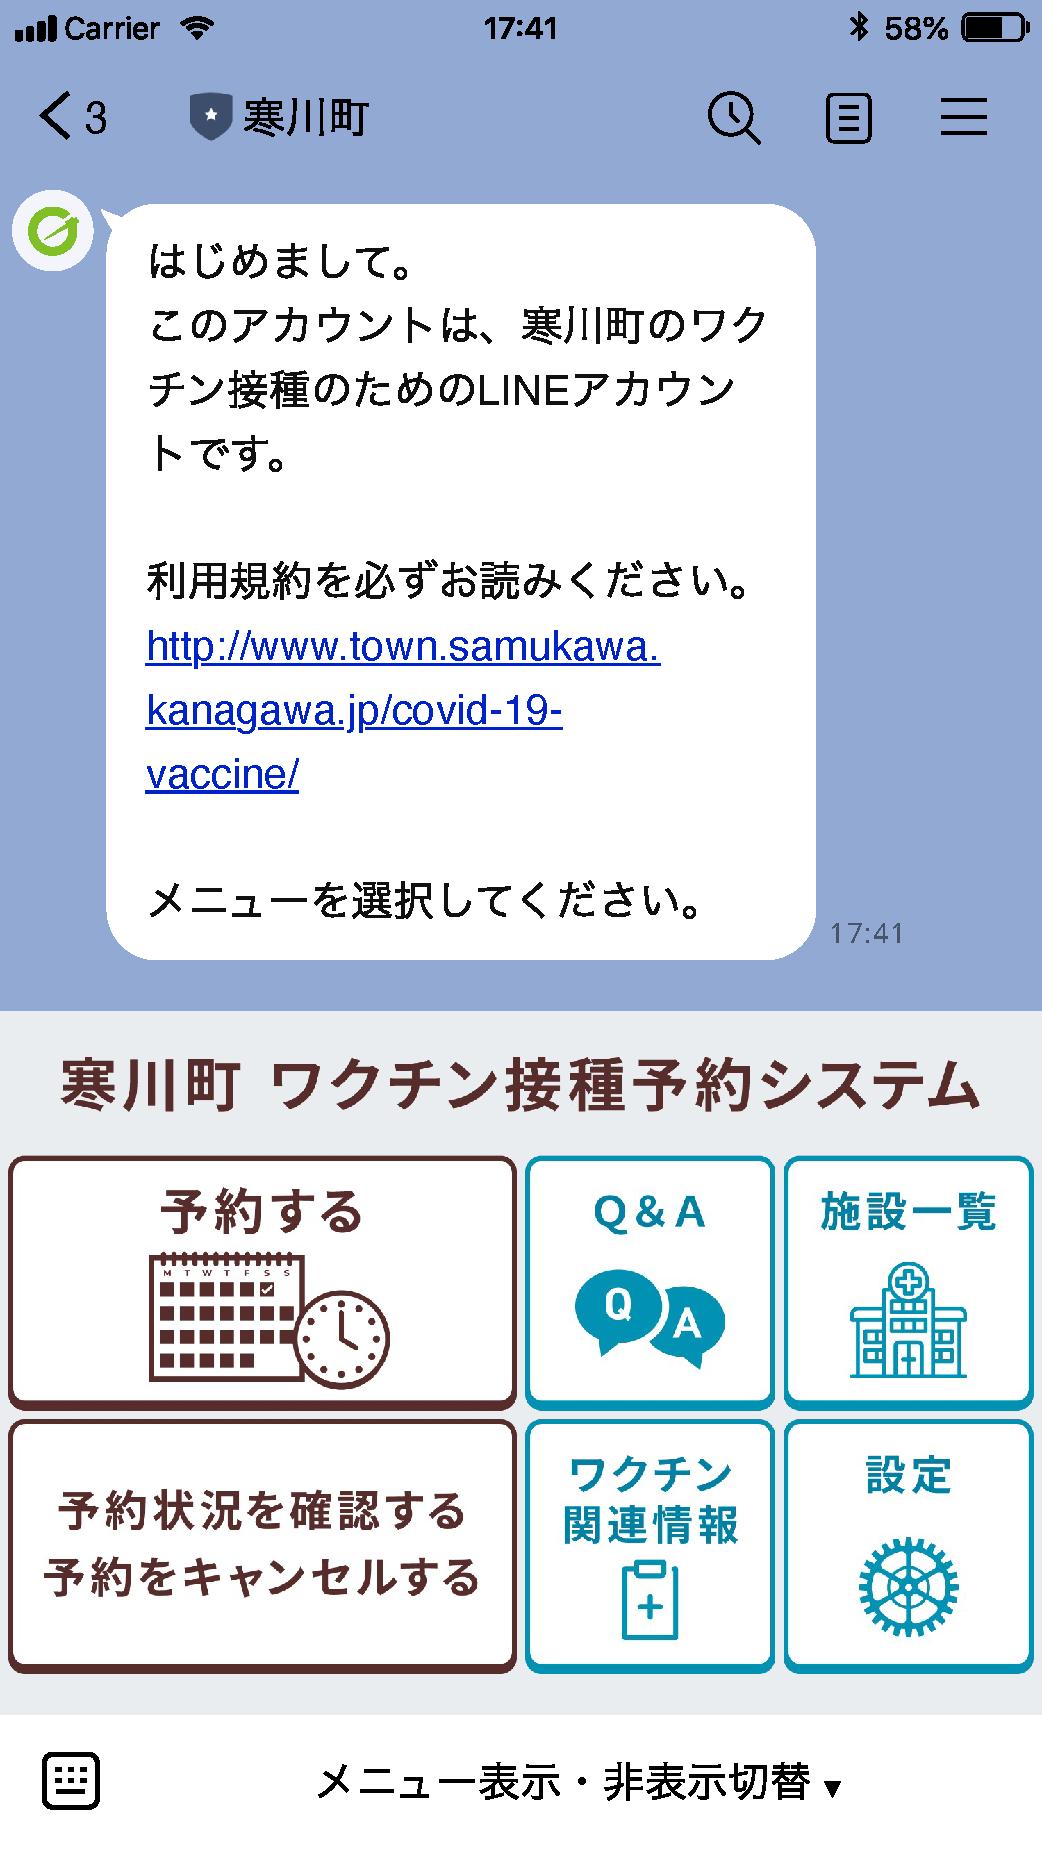 LINE公式アカウント予約イメージ